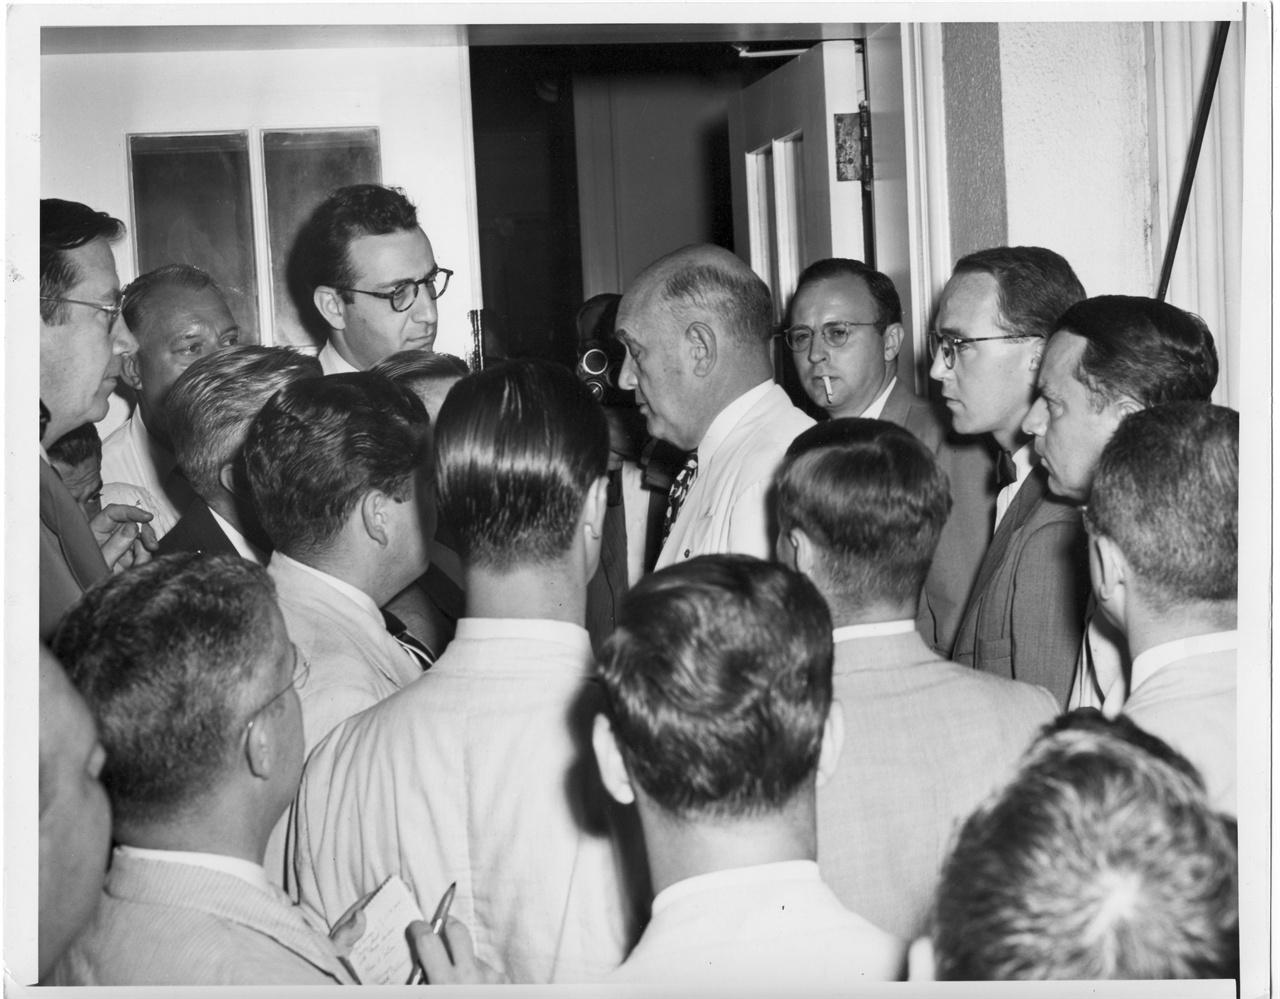 8. 루이스 존슨 미 국방장관이 한국전쟁 문제를 트루먼 대통령에게 보고하고자 백악관 대통령 집무실로 가는 도중 기자들에게 에워싸여 질문공세를 받고 있다(1950. 6. 27.).